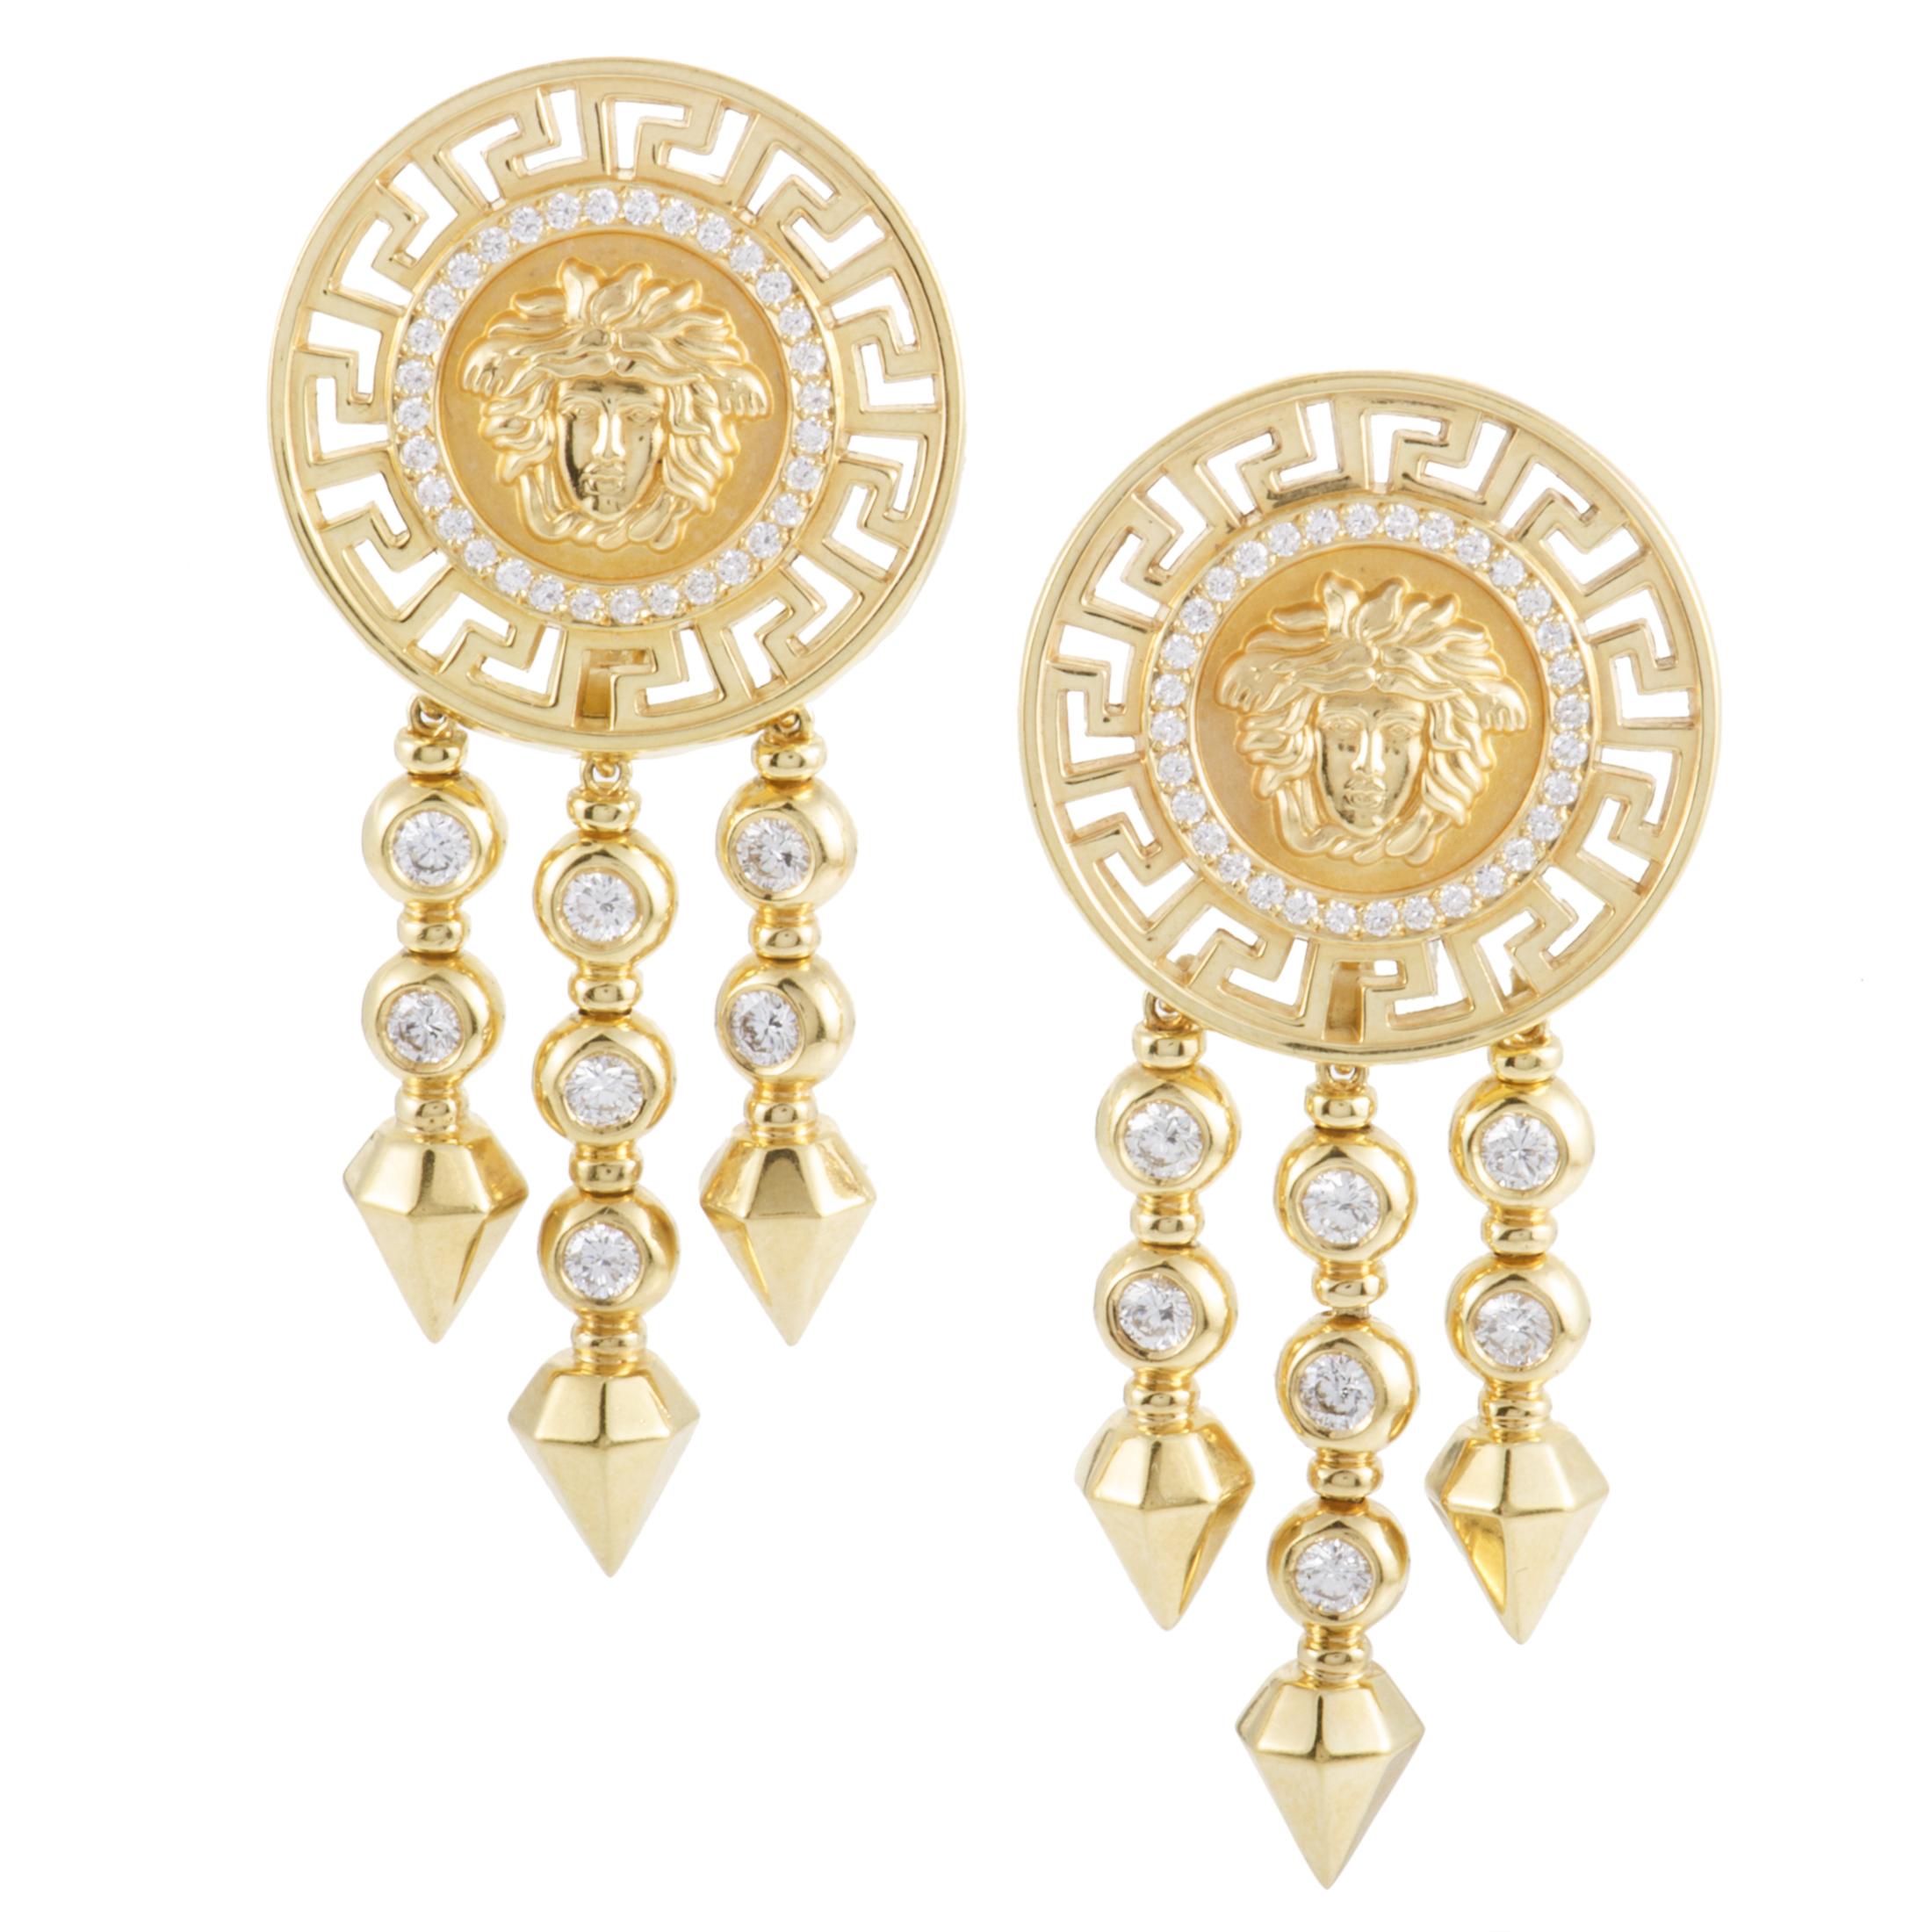 Unique Versace Earrings Womens  Earrings Ideas